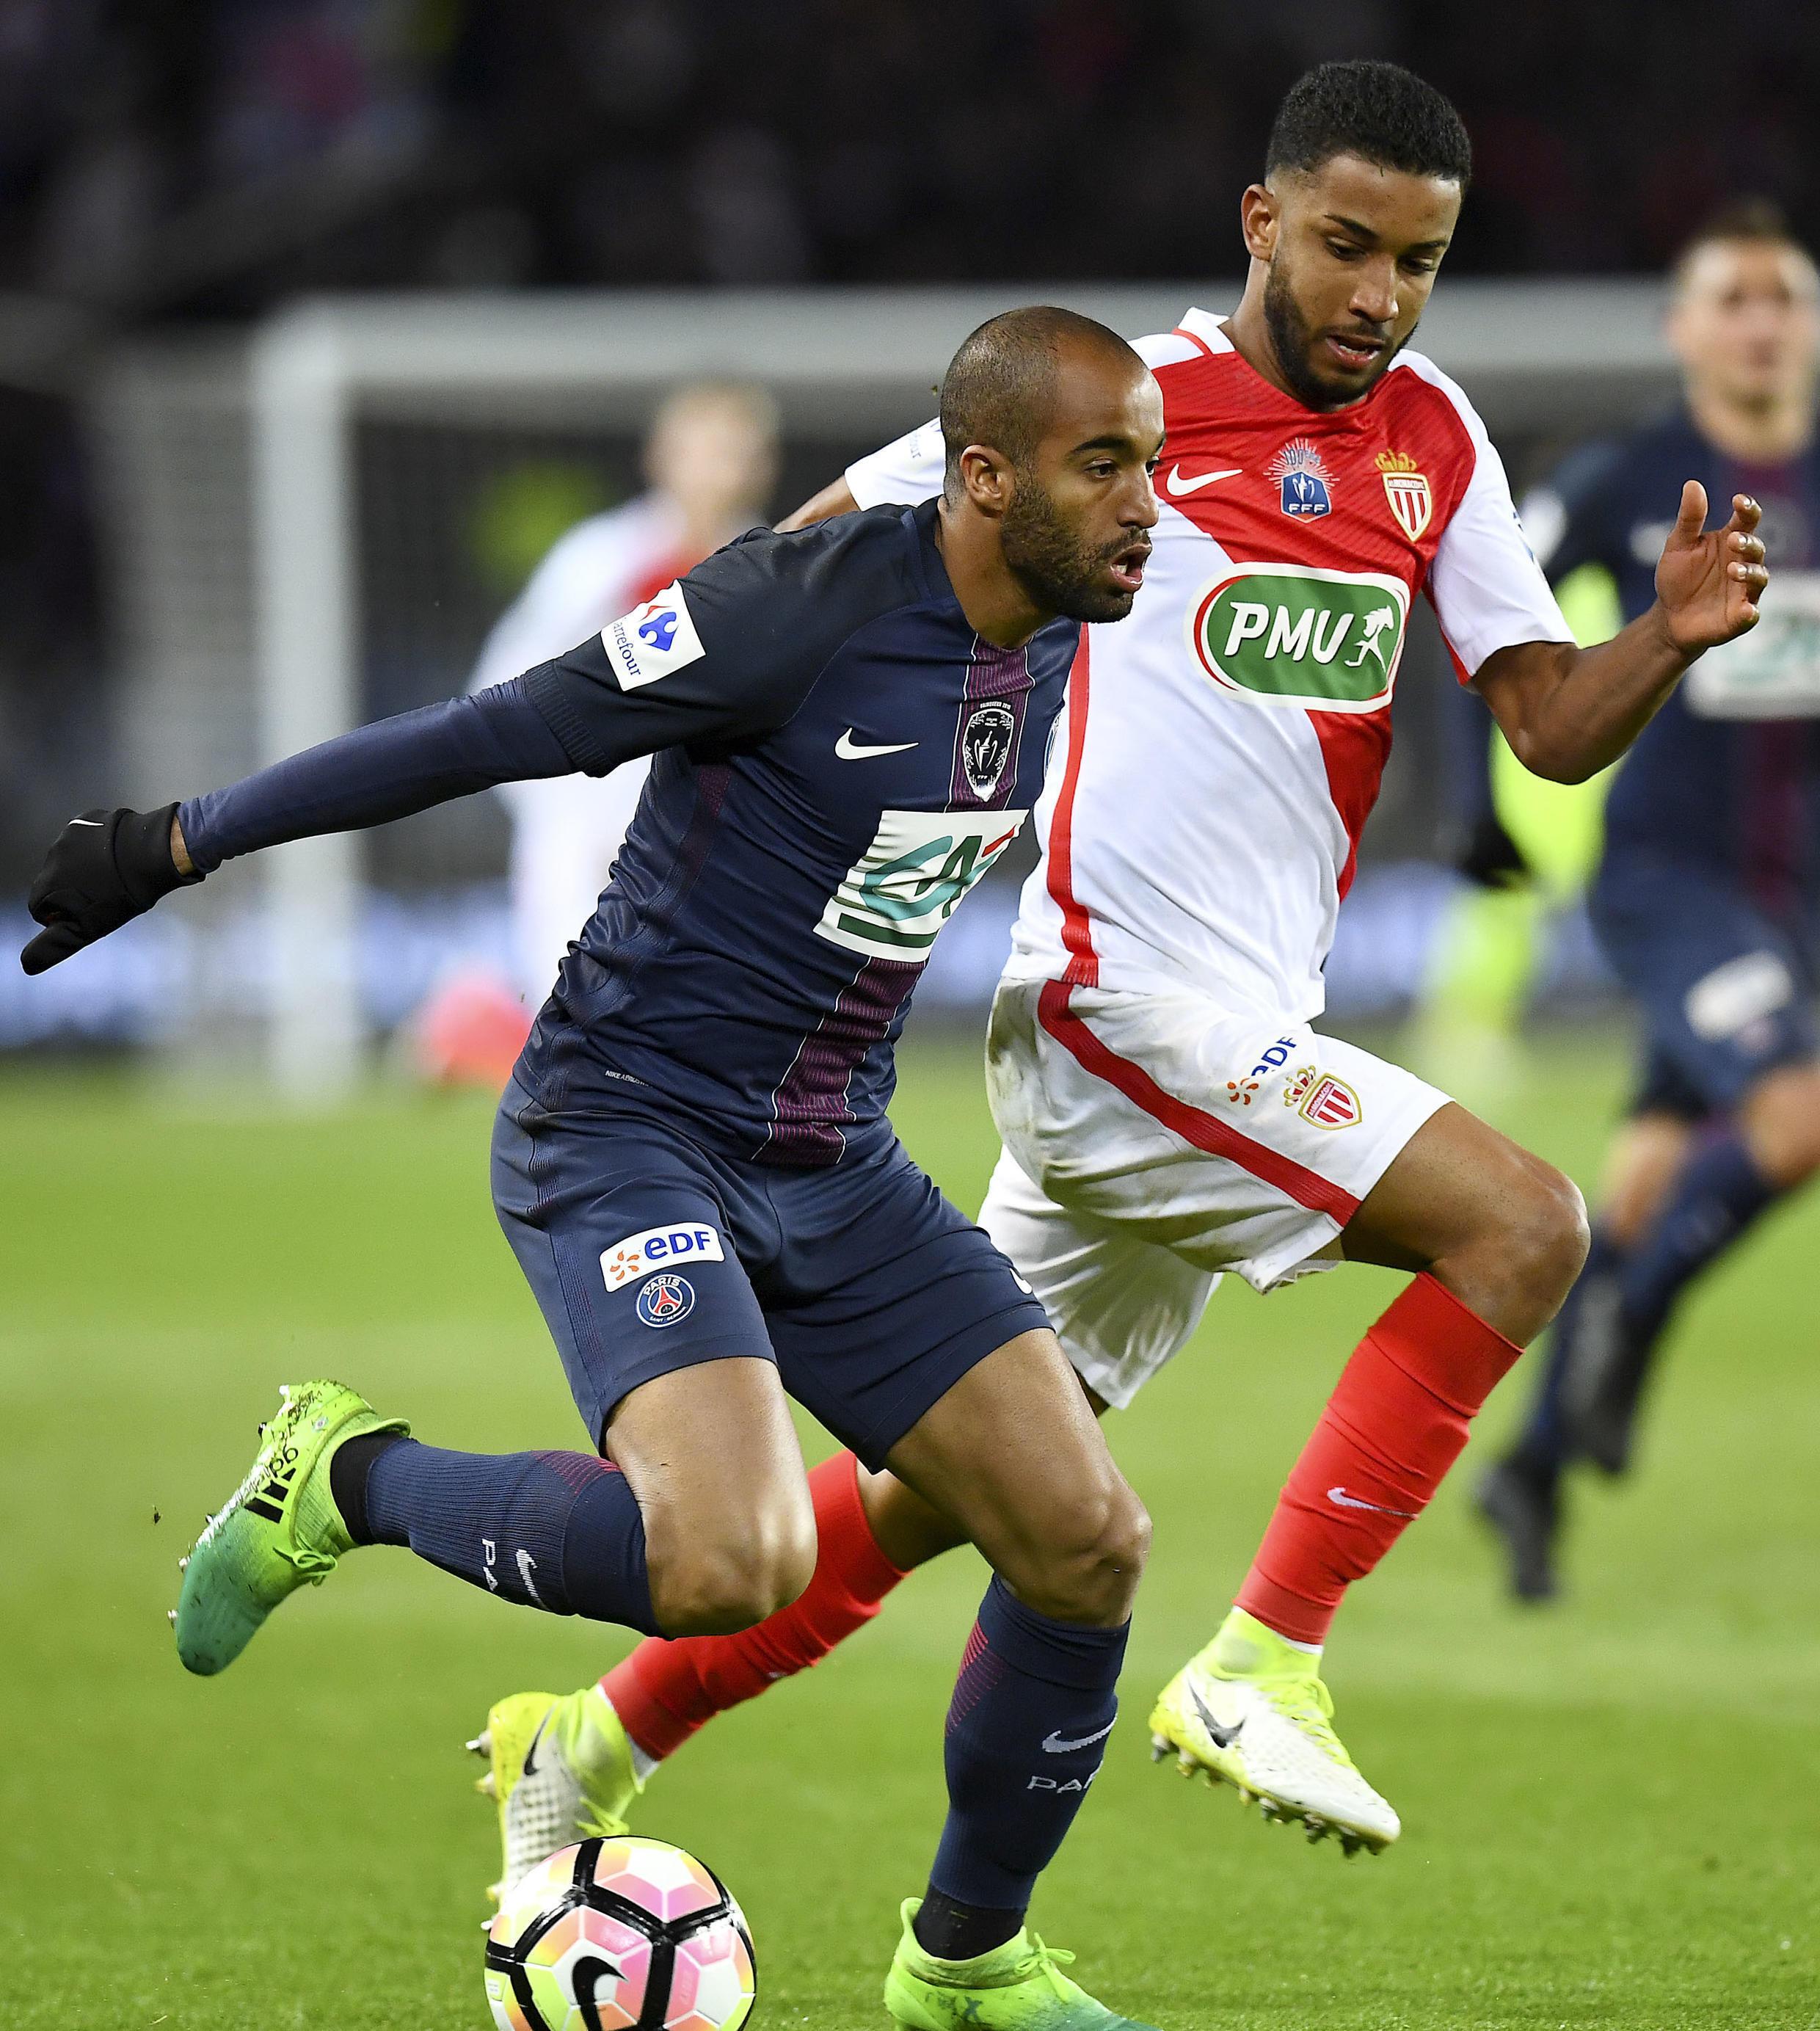 Duelo 100% brasileiro entre Lucas Moura (esquerda), avançado do Paris Saint-Germain, e Jorge (direita), lateral do Mónaco.